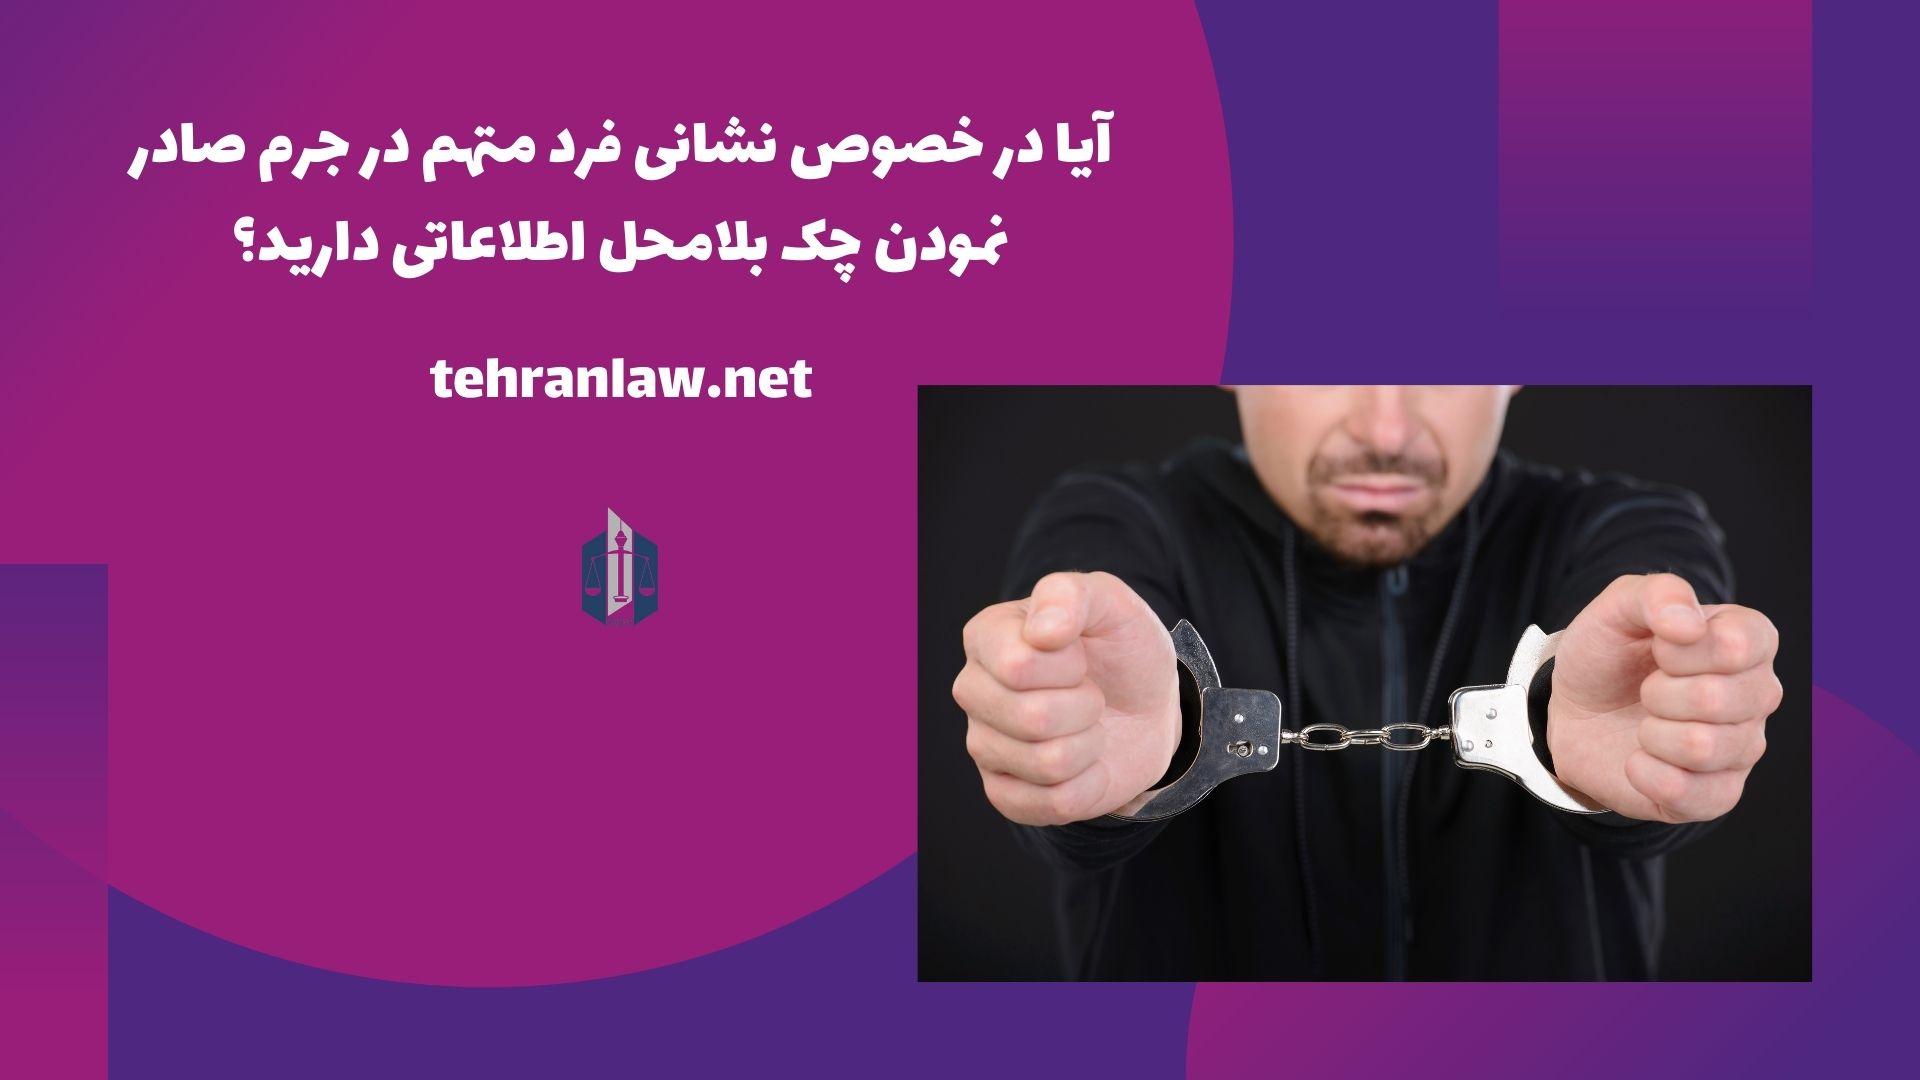 آیا در خصوص نشانی فرد متهم در جرم صادر نمودن چک بلامحل اطلاعاتی دارید؟